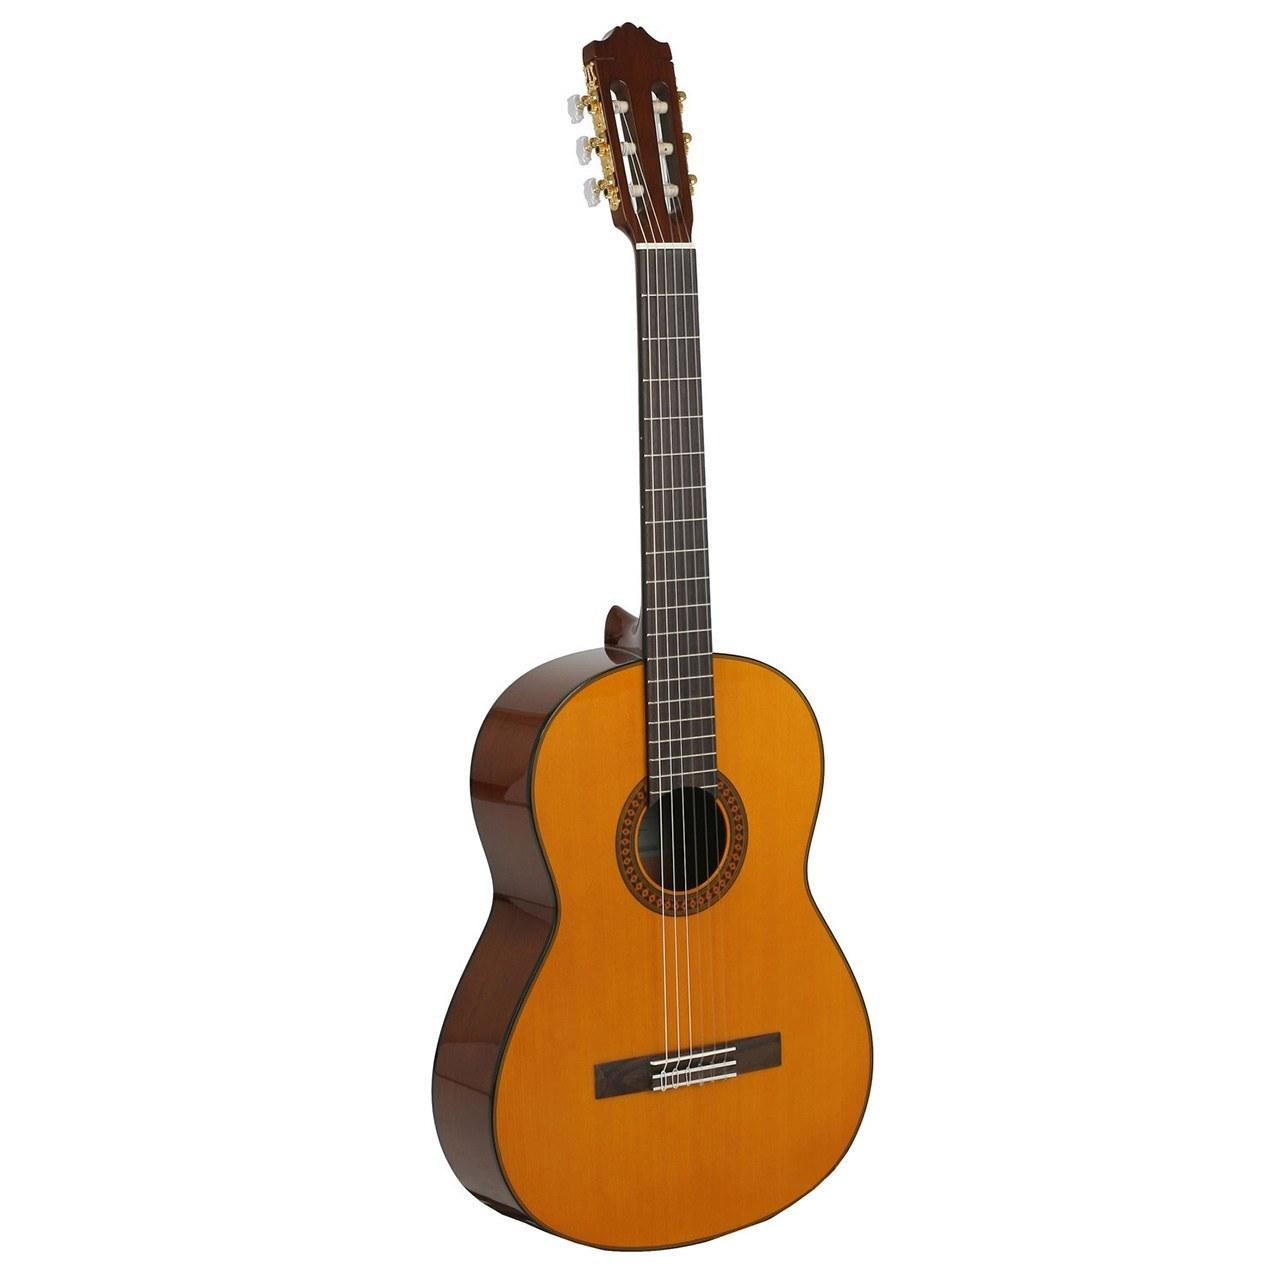 عکس Yamaha C80 Classical Guitar  yamaha-c80-classical-guitar